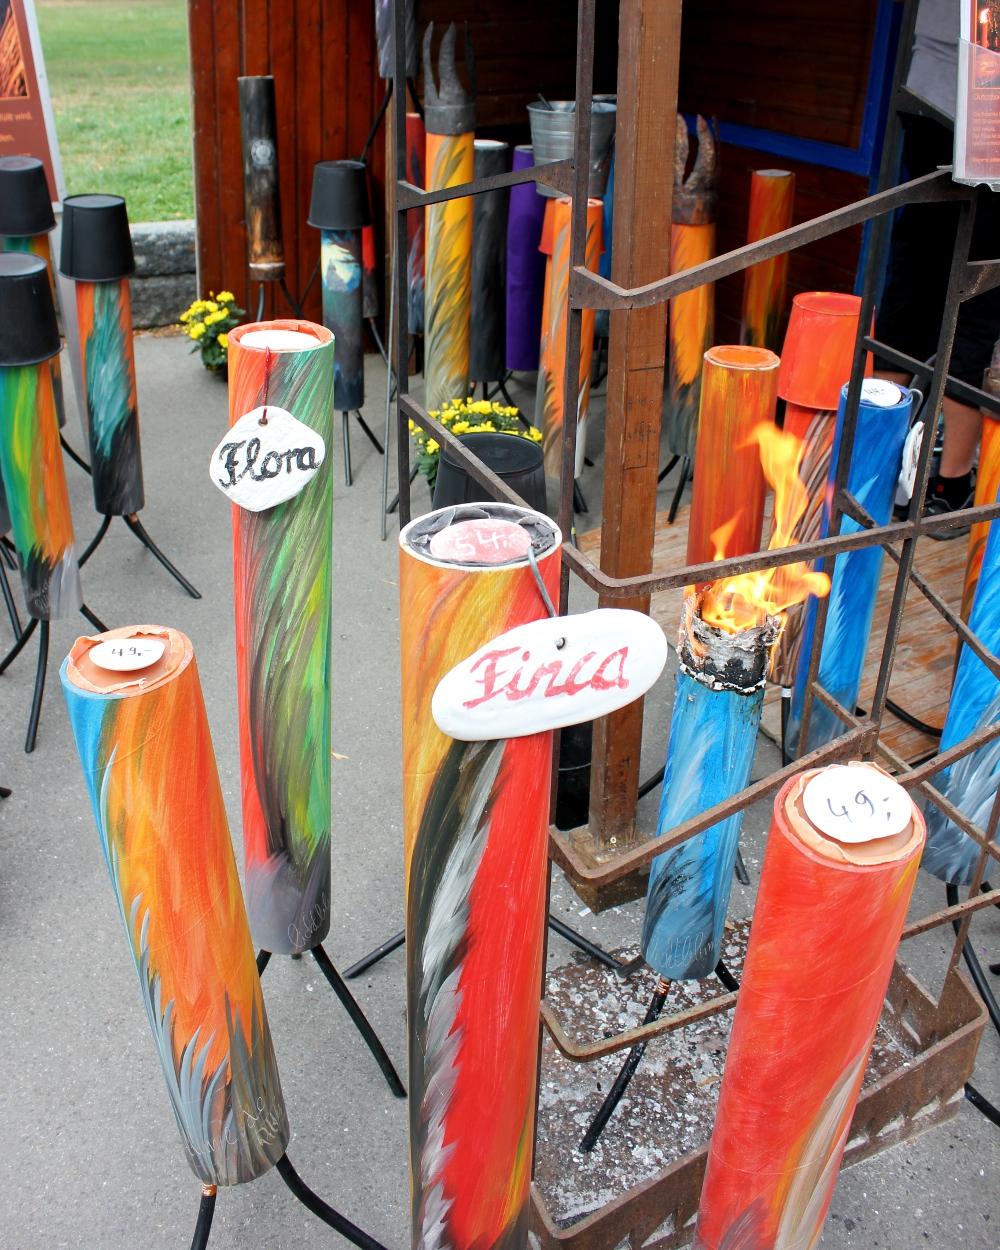 Garden torch at display